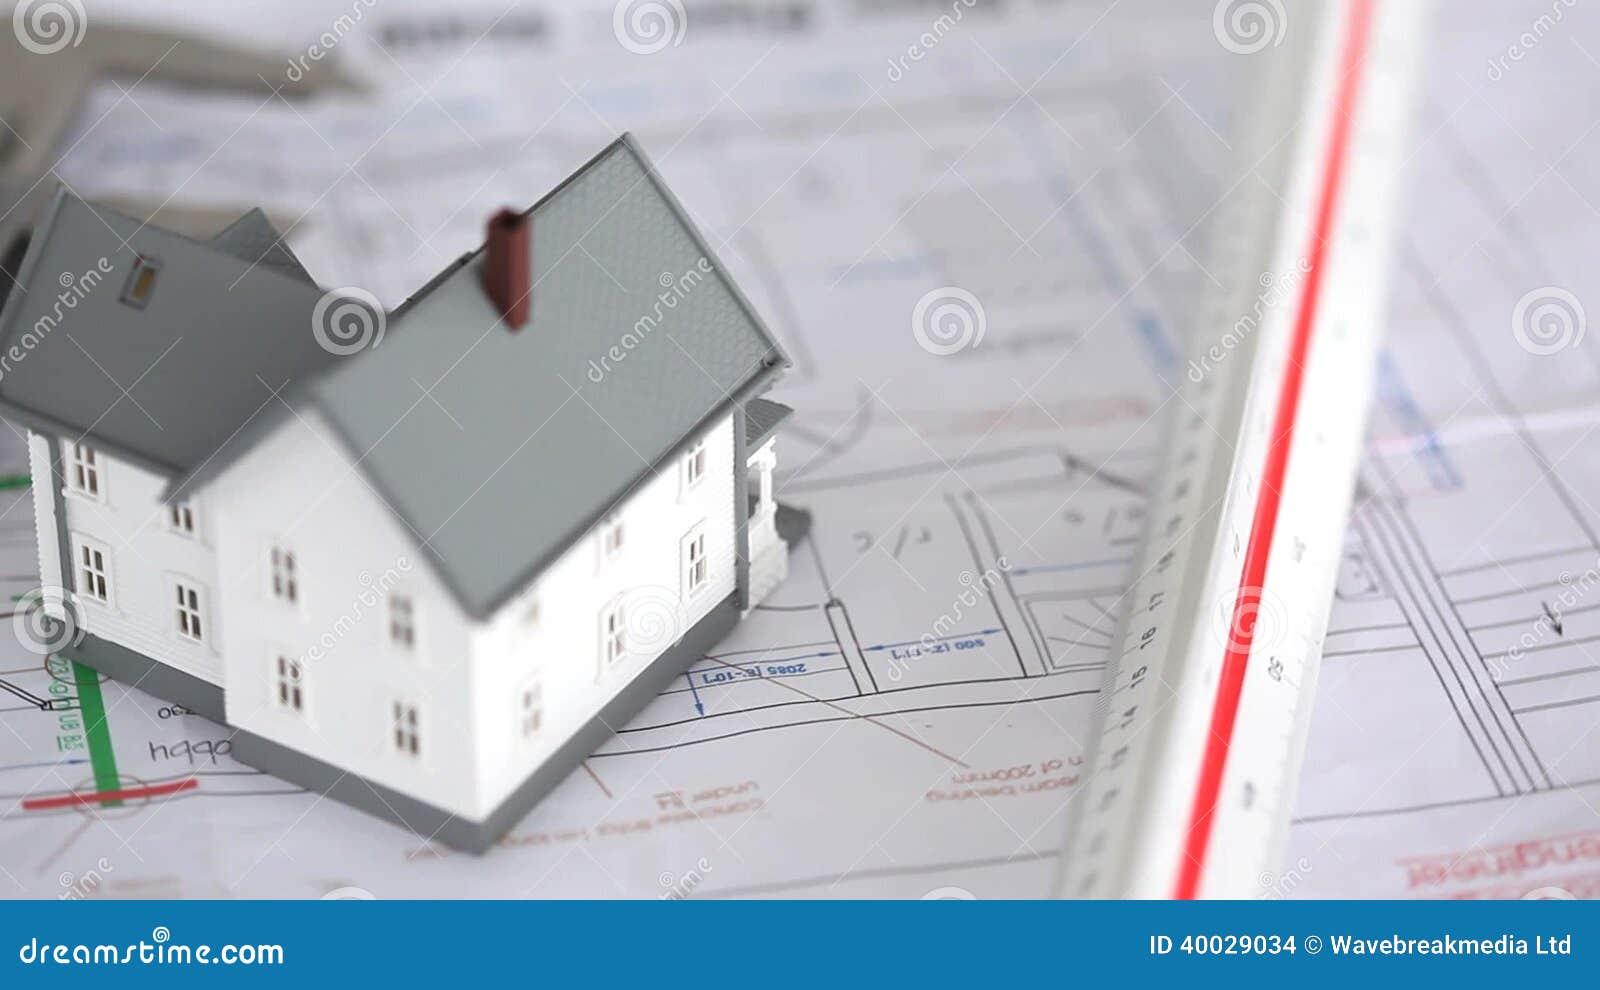 House model raised on plans stock footage video of draw drawing house model raised on plans stock footage video of draw drawing 40029034 ccuart Gallery